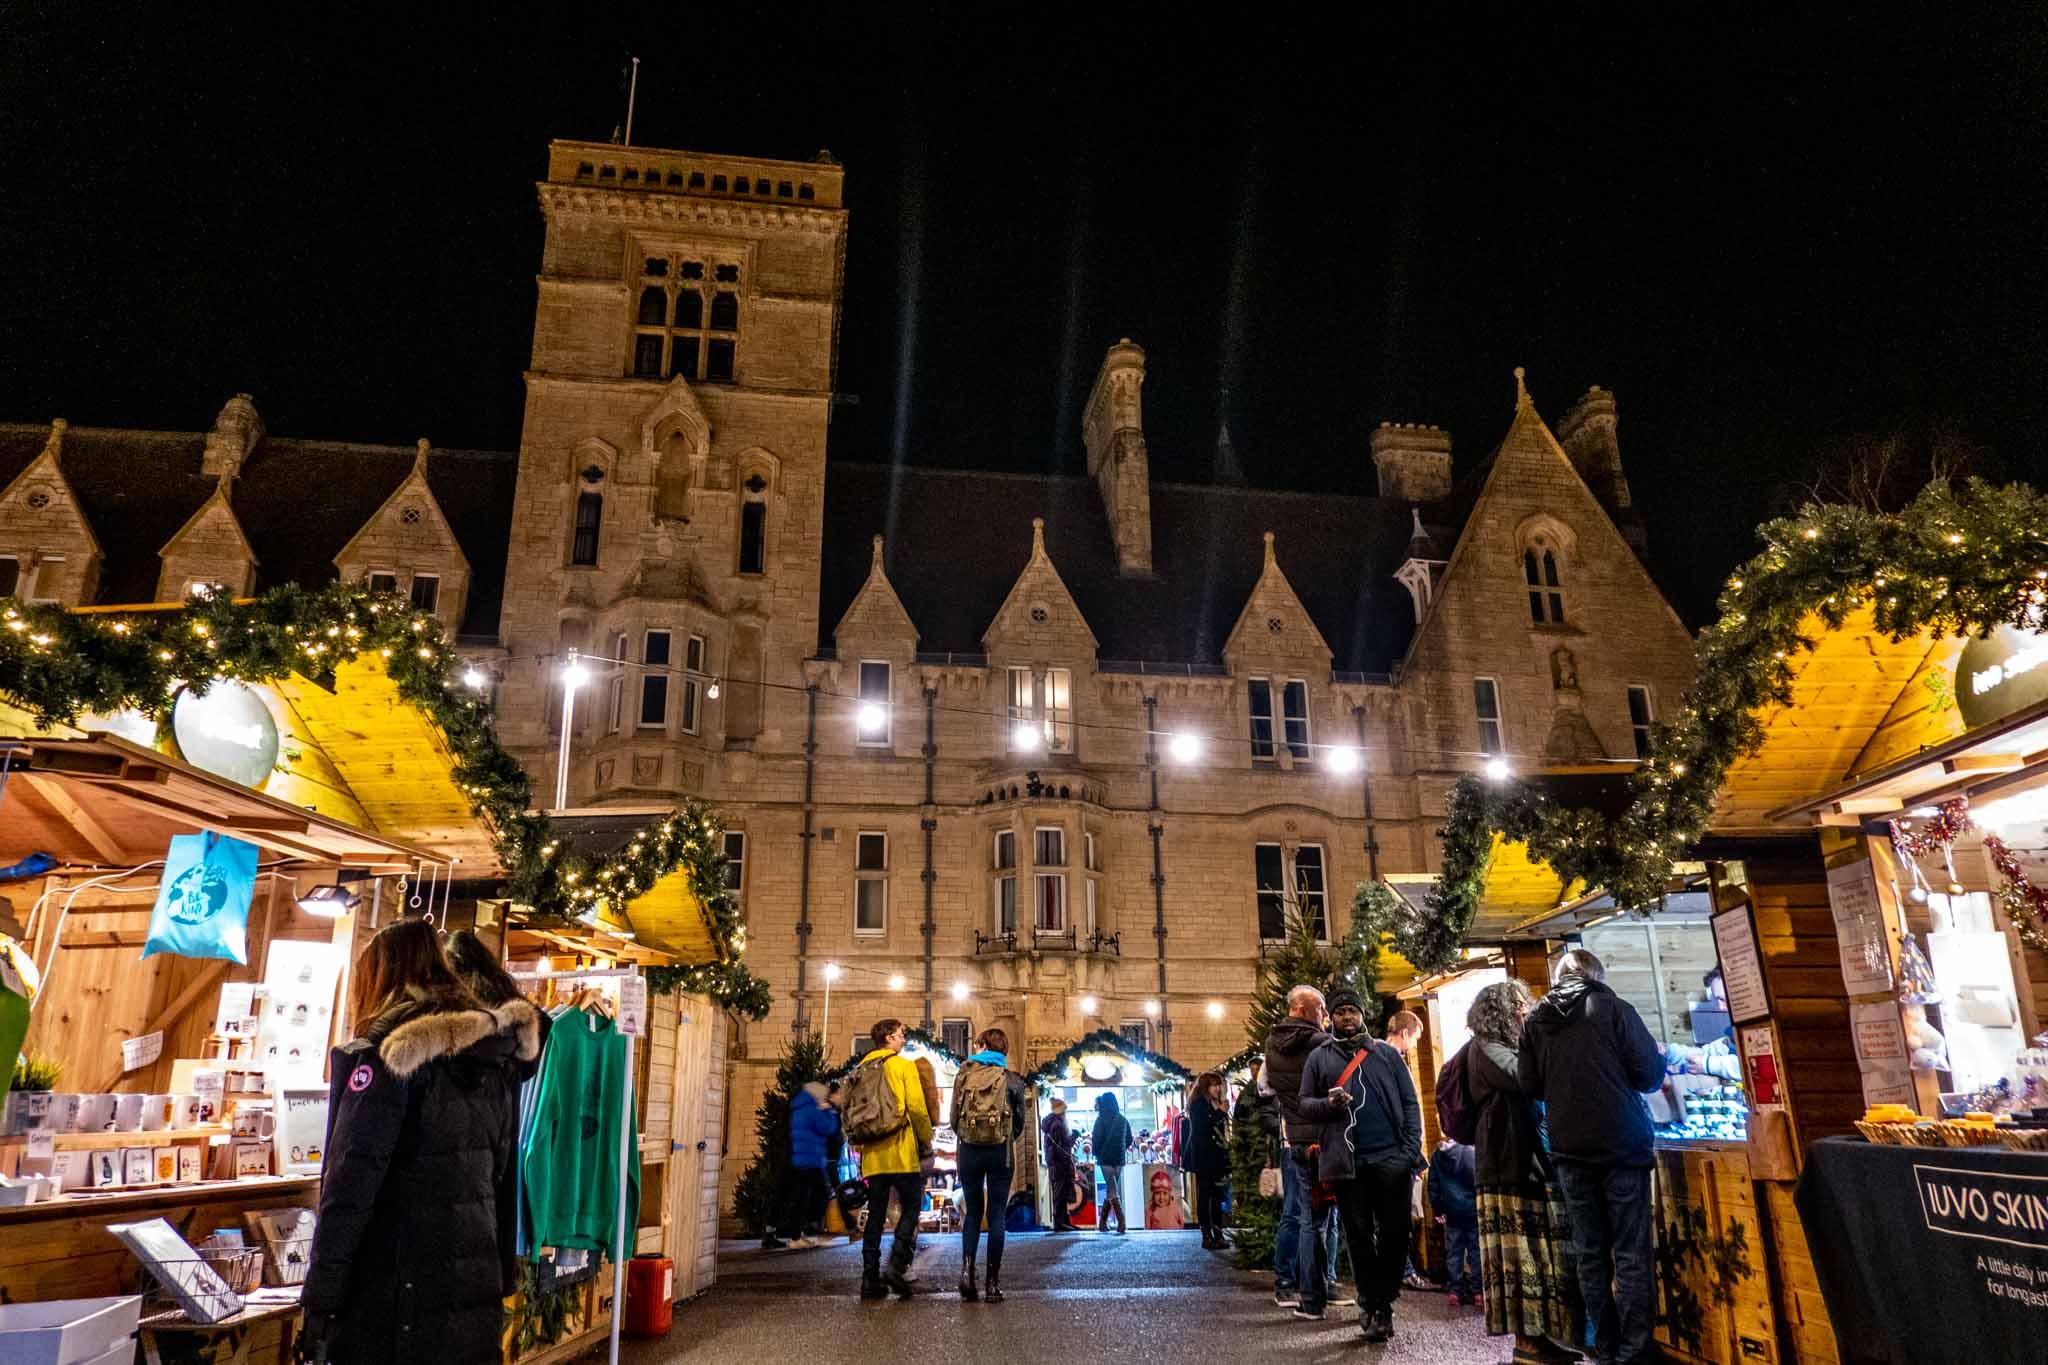 People shopping at Christmas market stalls at night